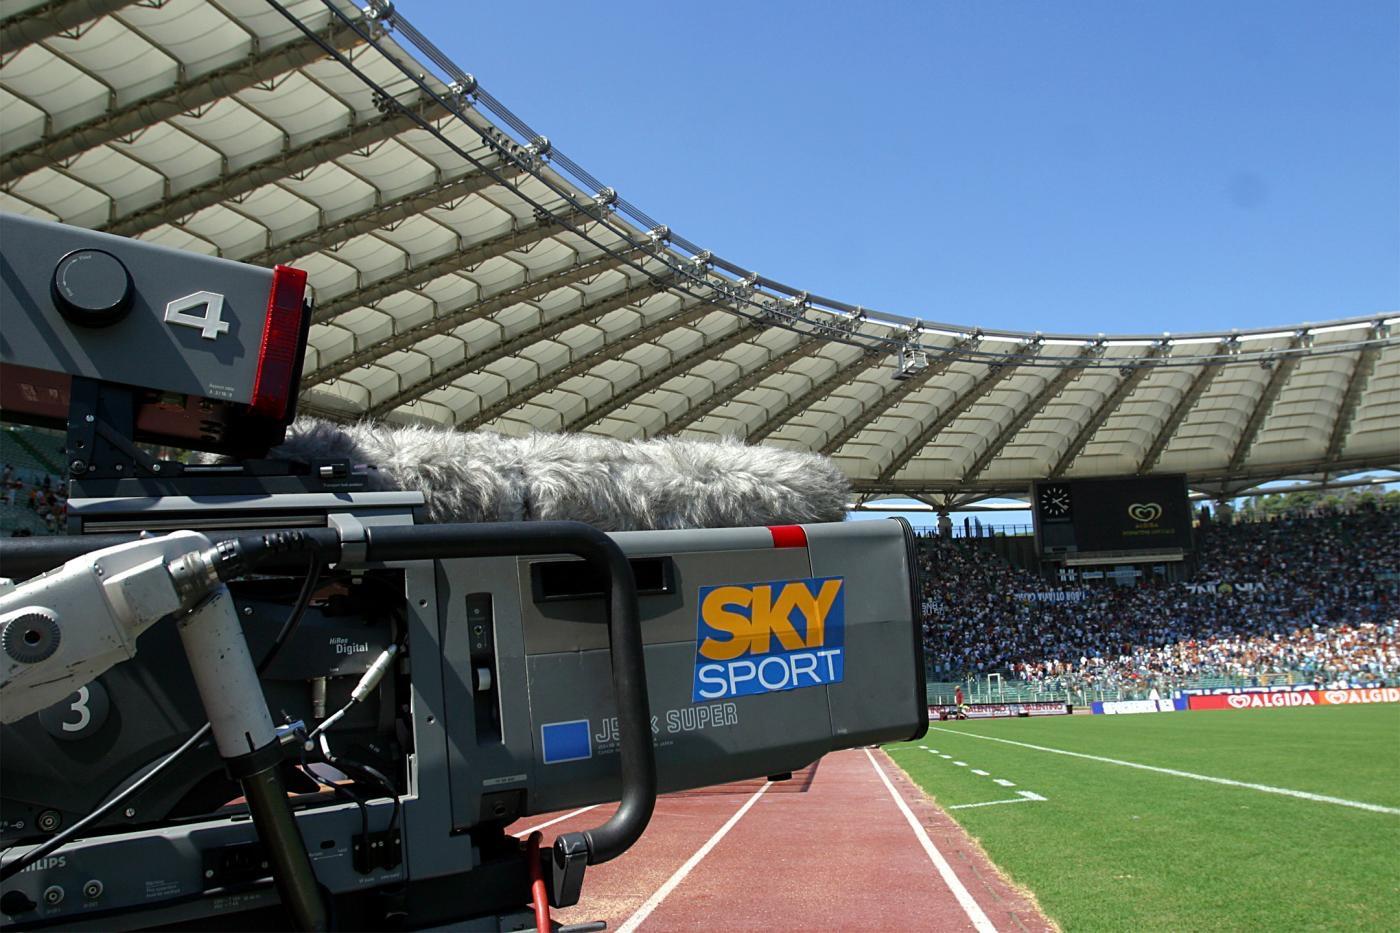 Calcio: la Lega A non stacca il segnale a Sky, ma sollecita il pagamento